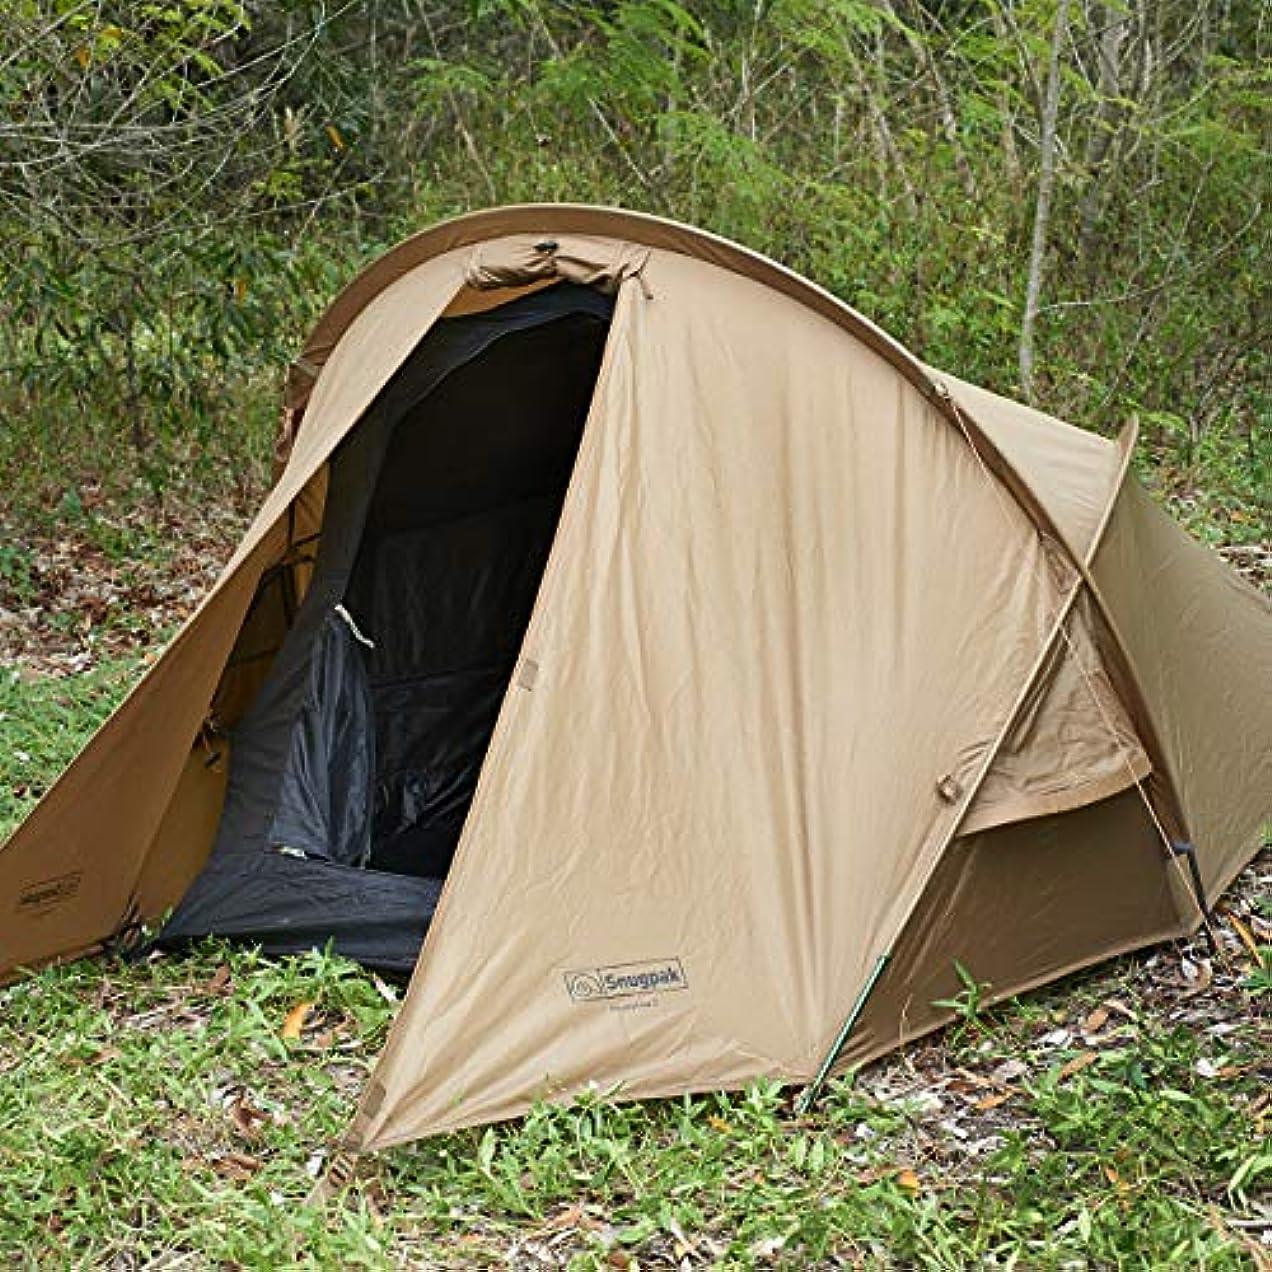 姪想定社会主義者Snugpak 92875 Scorpion 2 Tactical Shelter, Coyote Tan [並行輸入品]